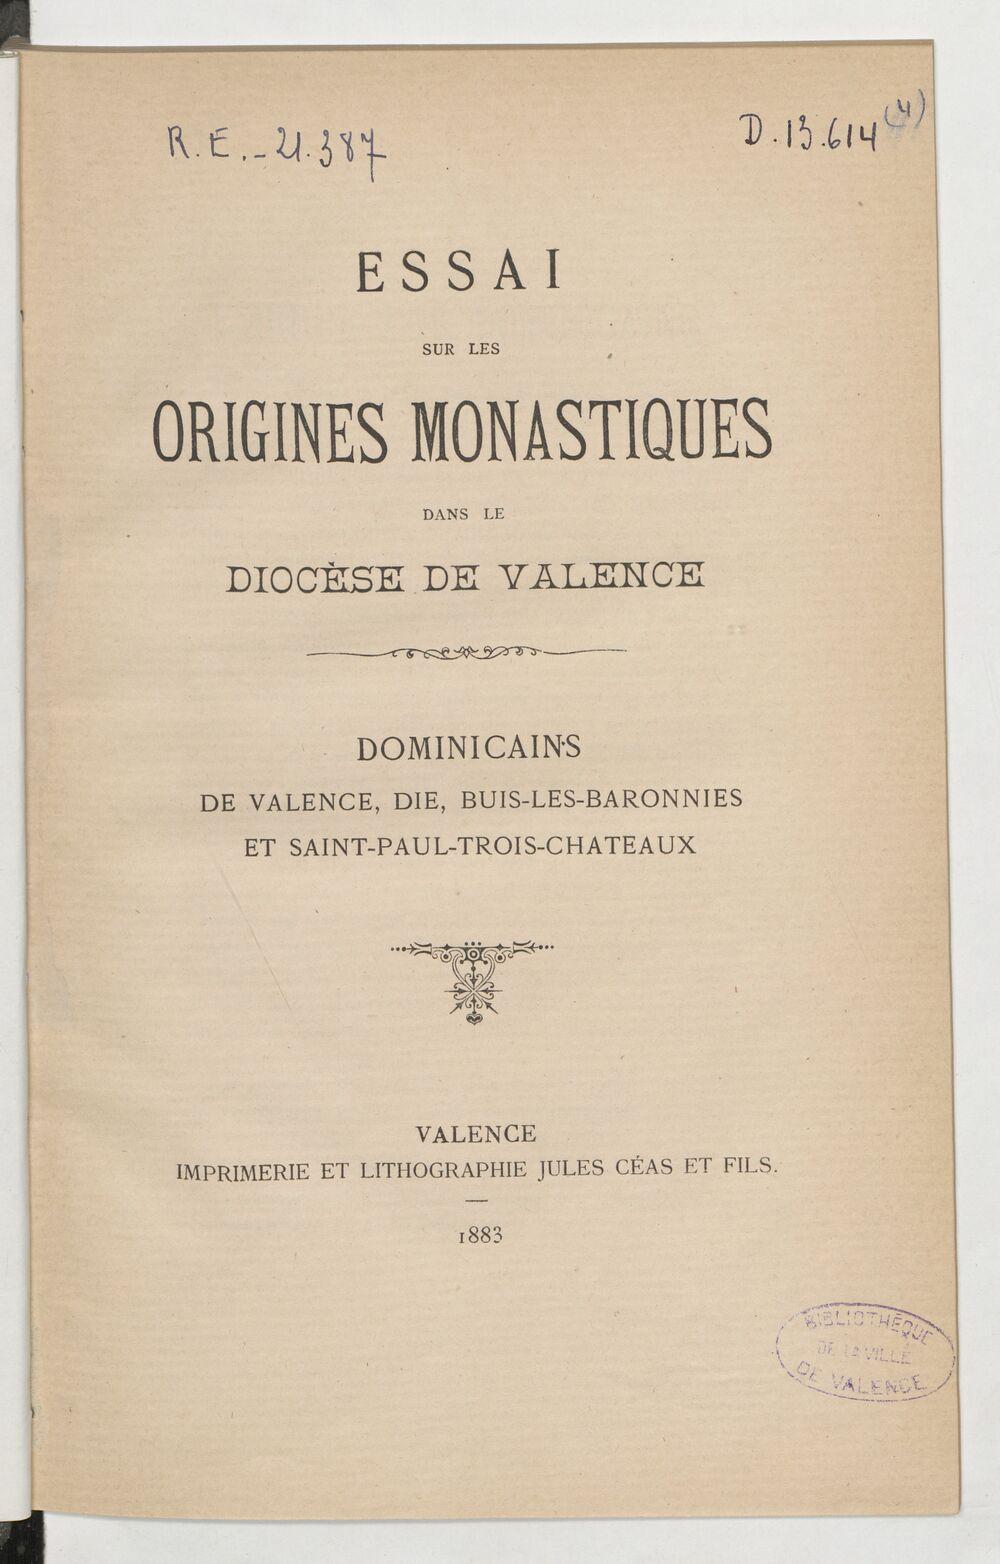 Essai sur les origines monastiques dans le diocèse de Valence, dominicains de Valence, Die, Buis-les-Baronnies et Saint-Paul-Trois-Chateaux